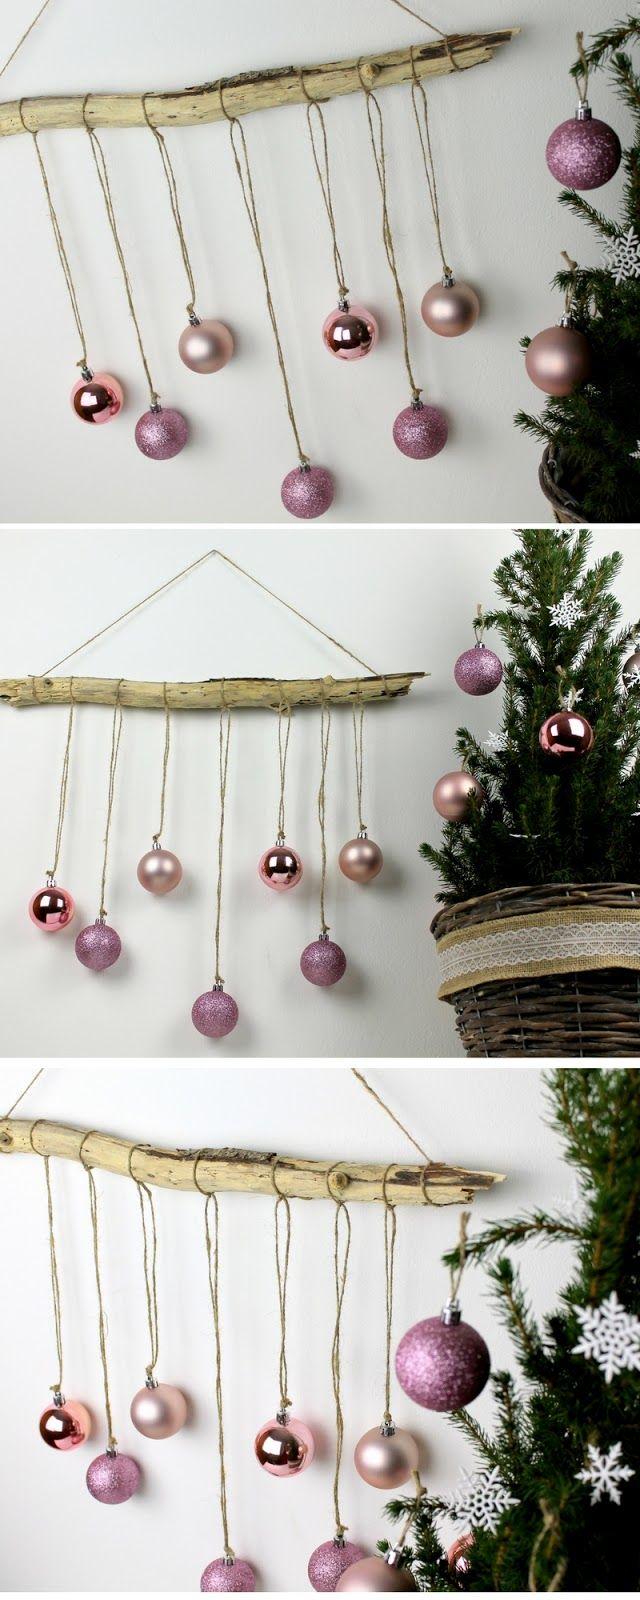 Wanddekoration Schön ☆ Diy Ausgefallene Weihnachtliche Wanddekoration Aus